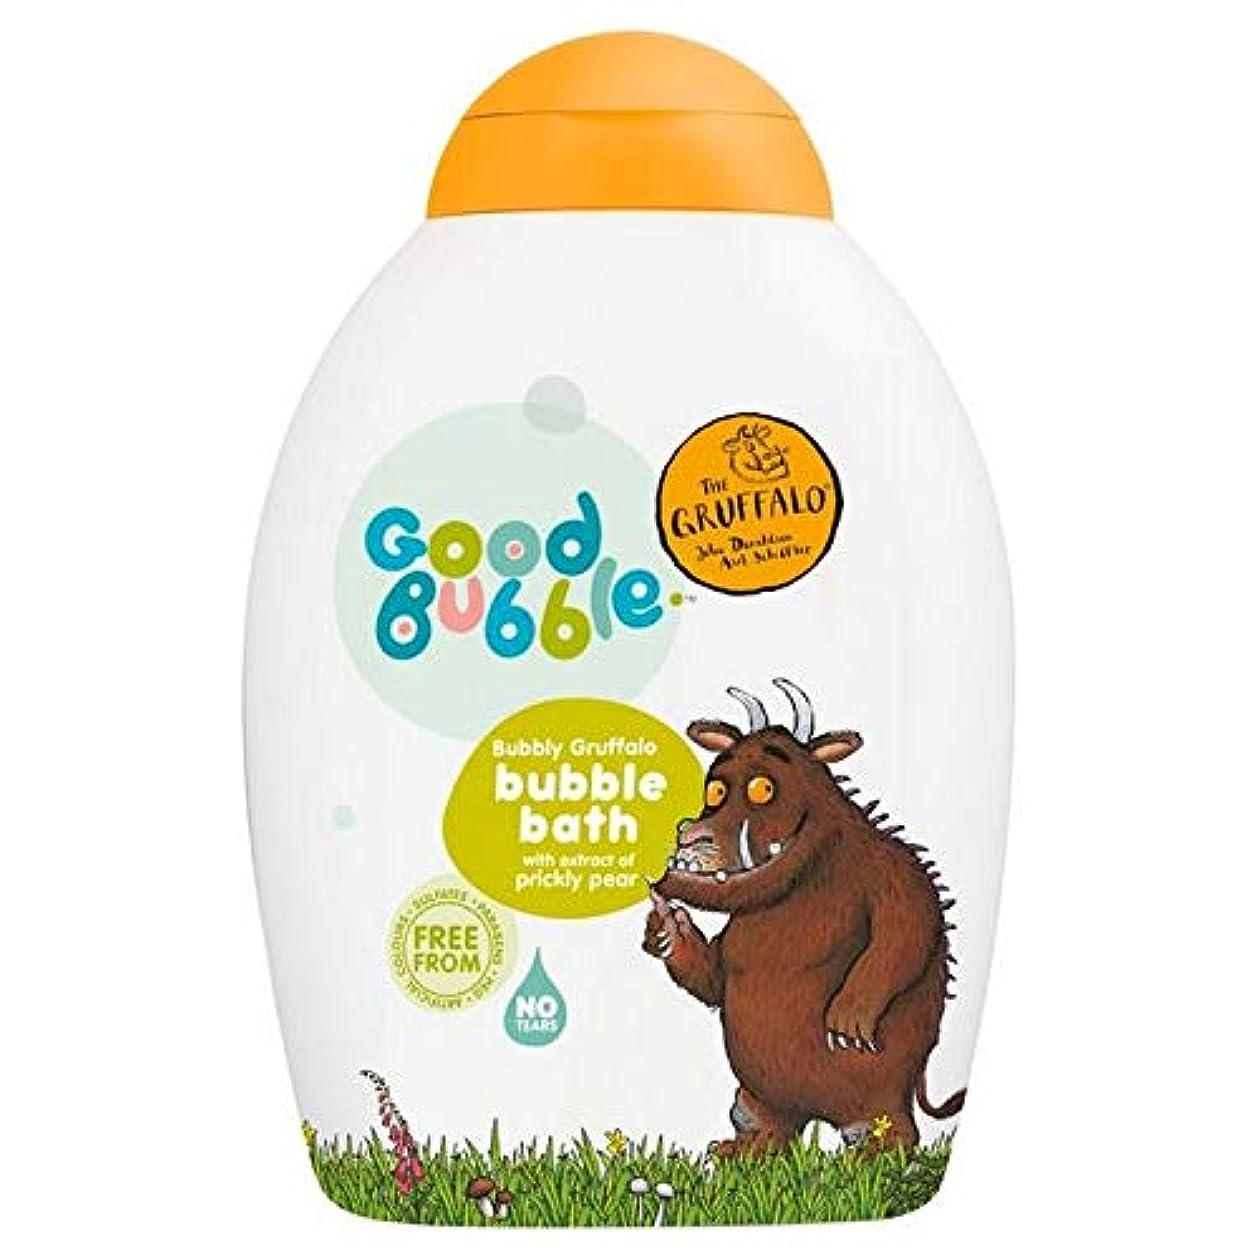 パケット小さな魅惑する[Good Bubble ] ウチワサボテンエキス400ミリリットルとの良好なバブル快活Gruffaloの泡風呂 - Good Bubble Bubbly Gruffalo Bubble Bath with Prickly...